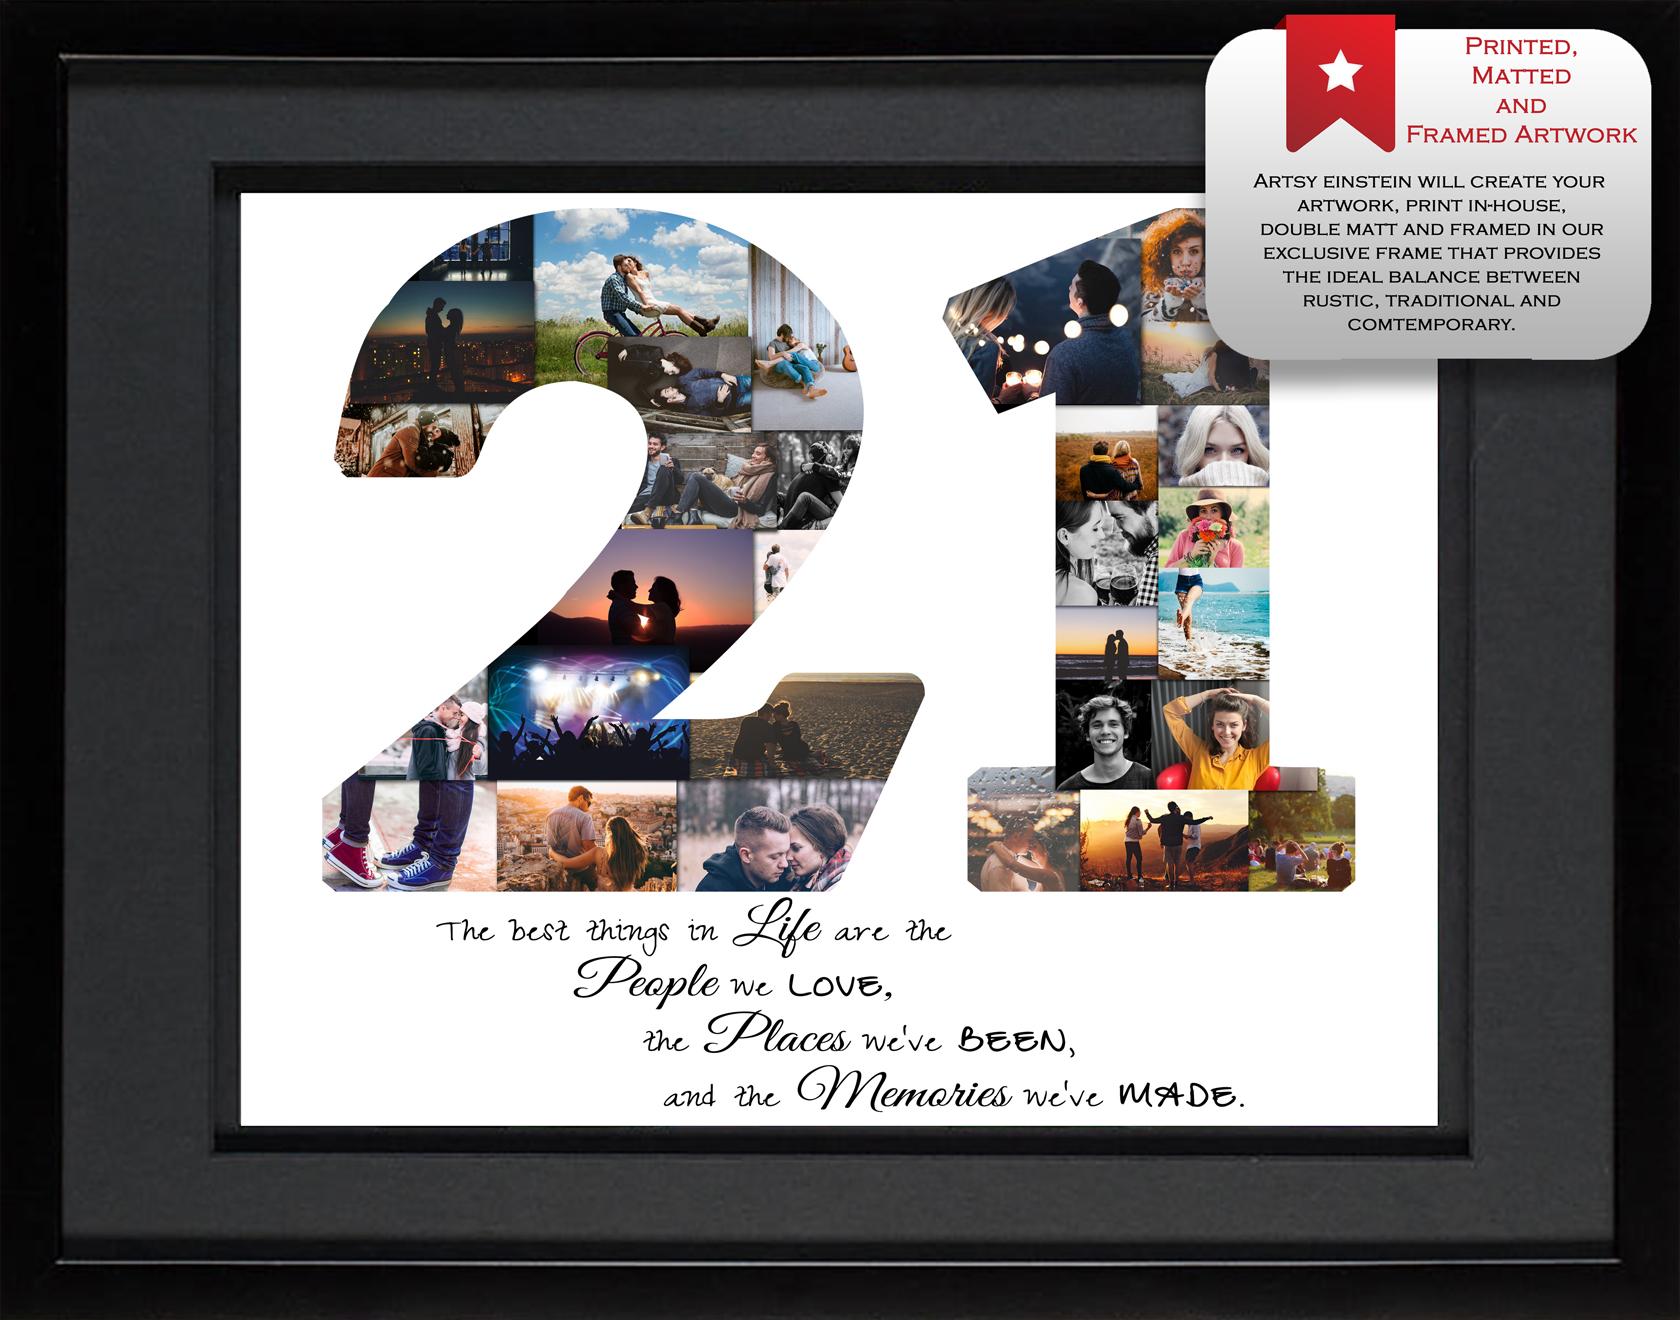 21st Birthday Collage - Hand-Crafted Photo Collage | Artsy Einstein